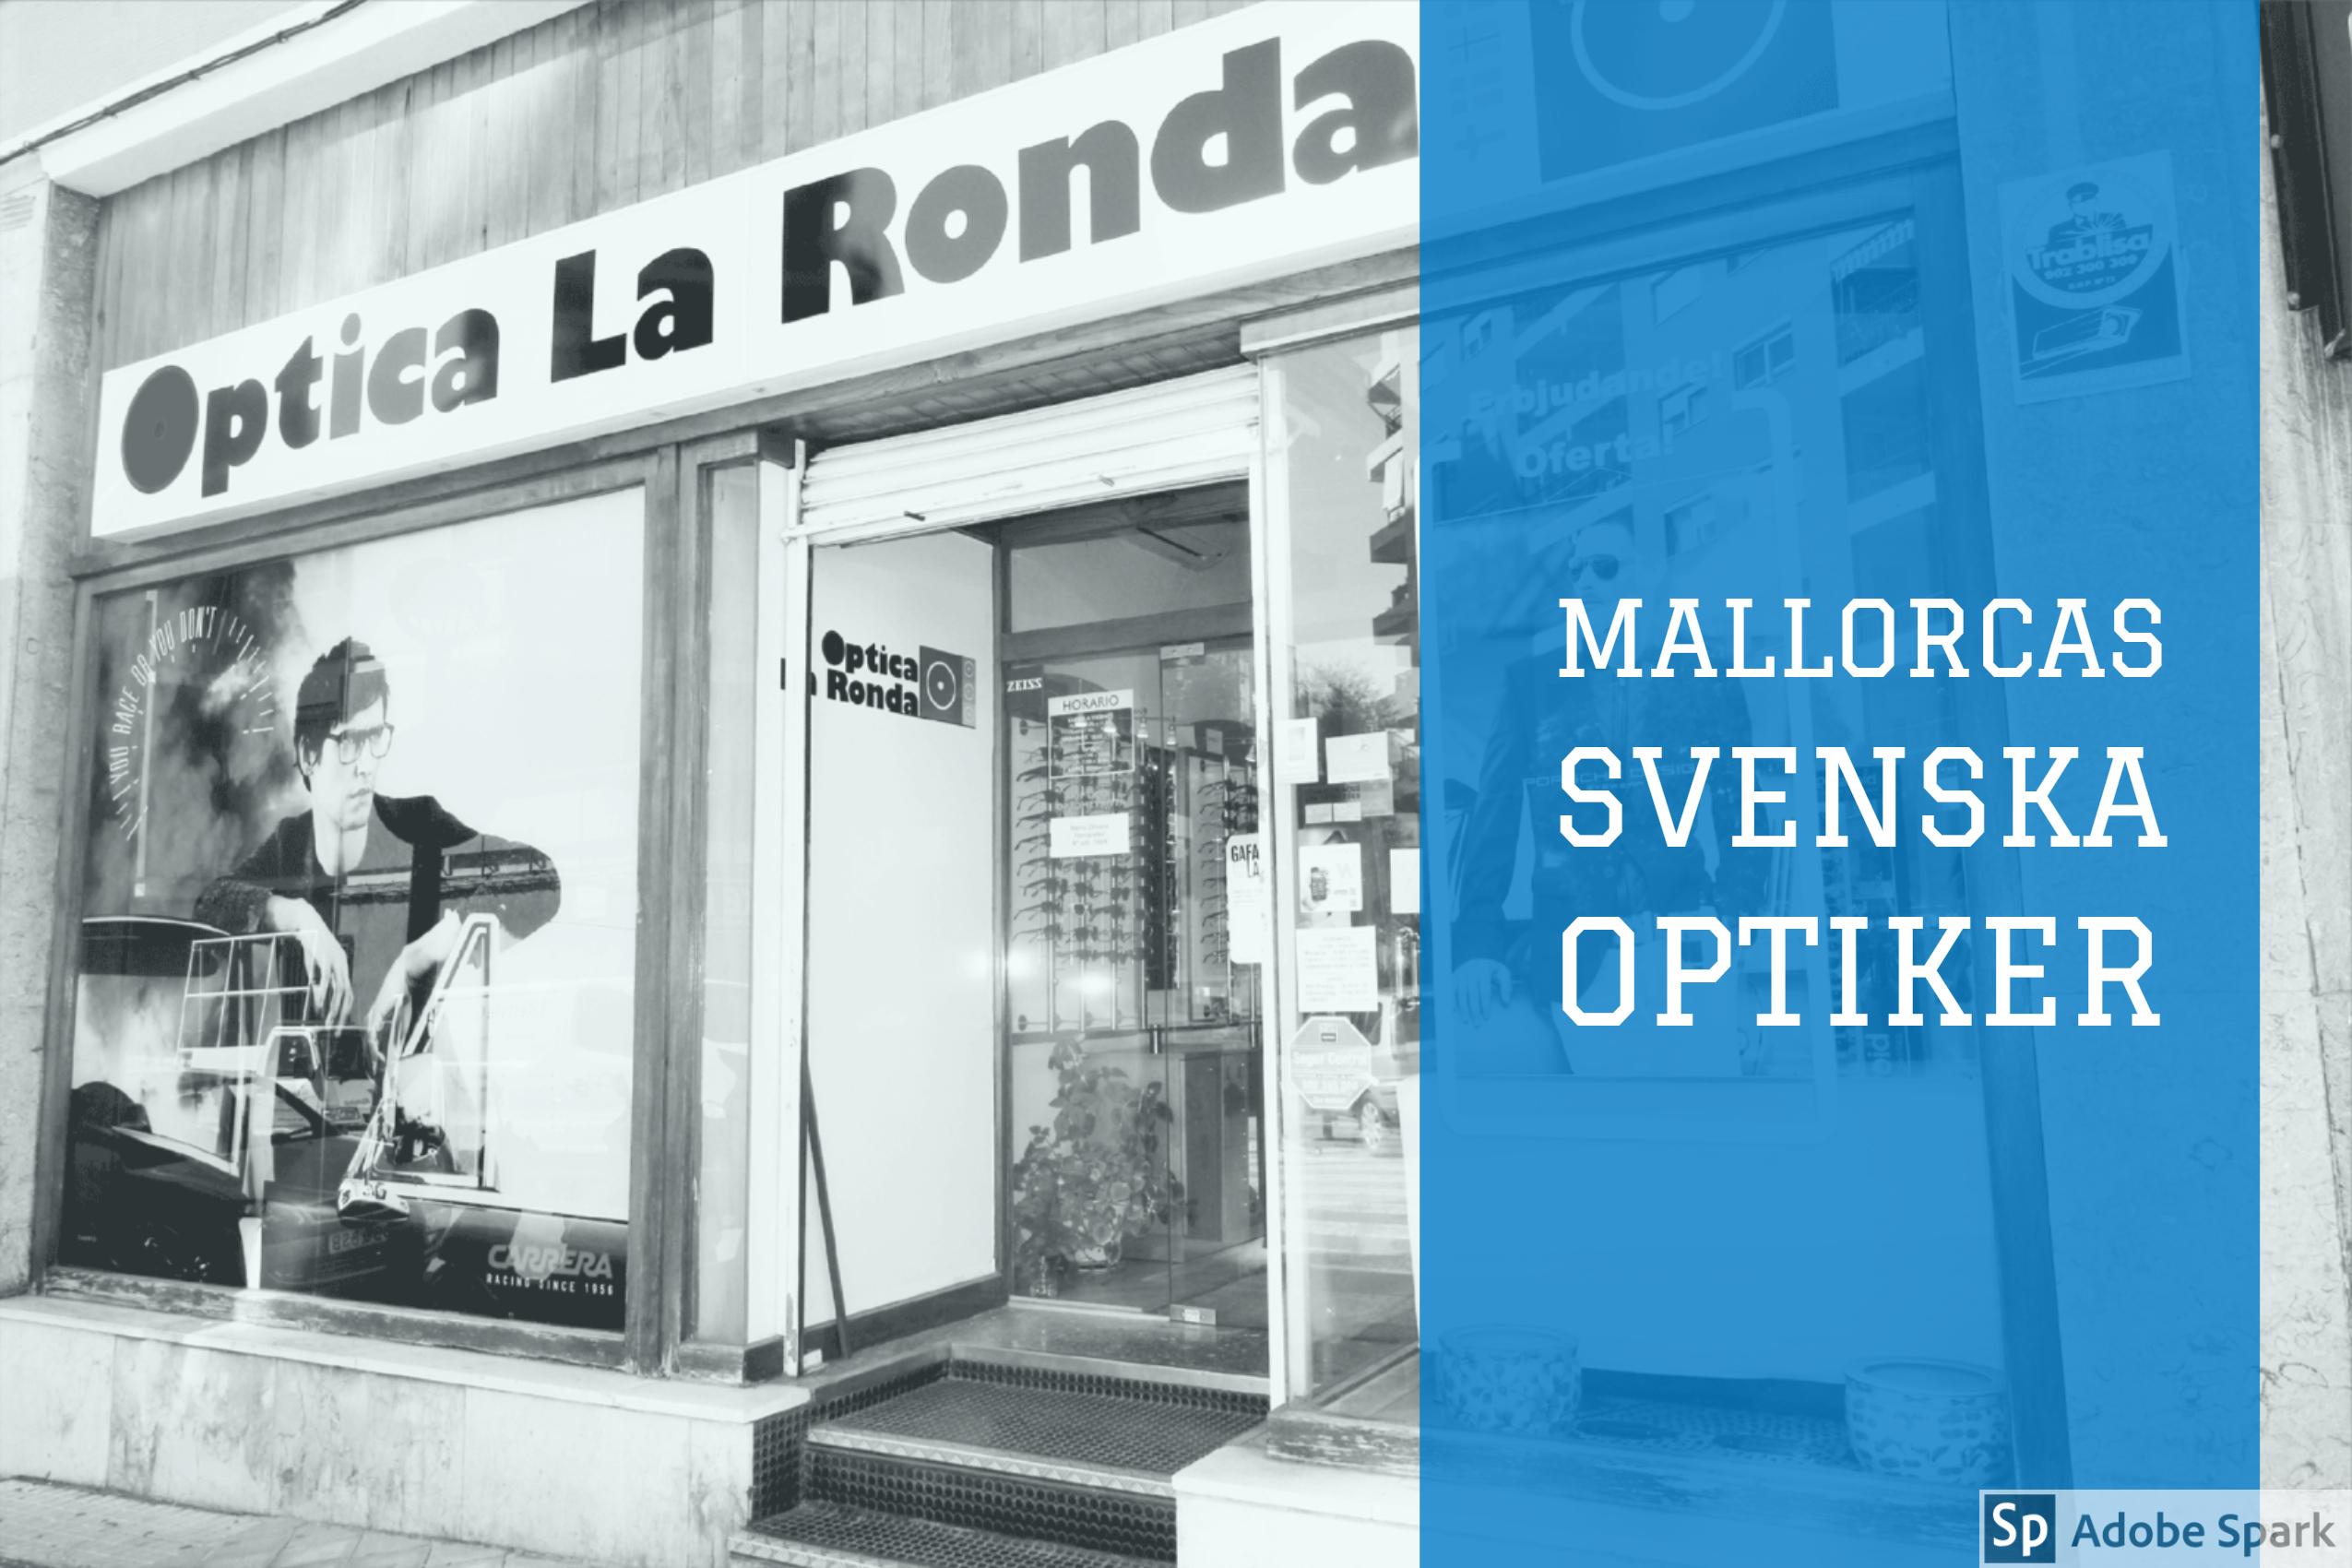 Optica La Ronda - Svensk Optiker i Palma de Mallorca